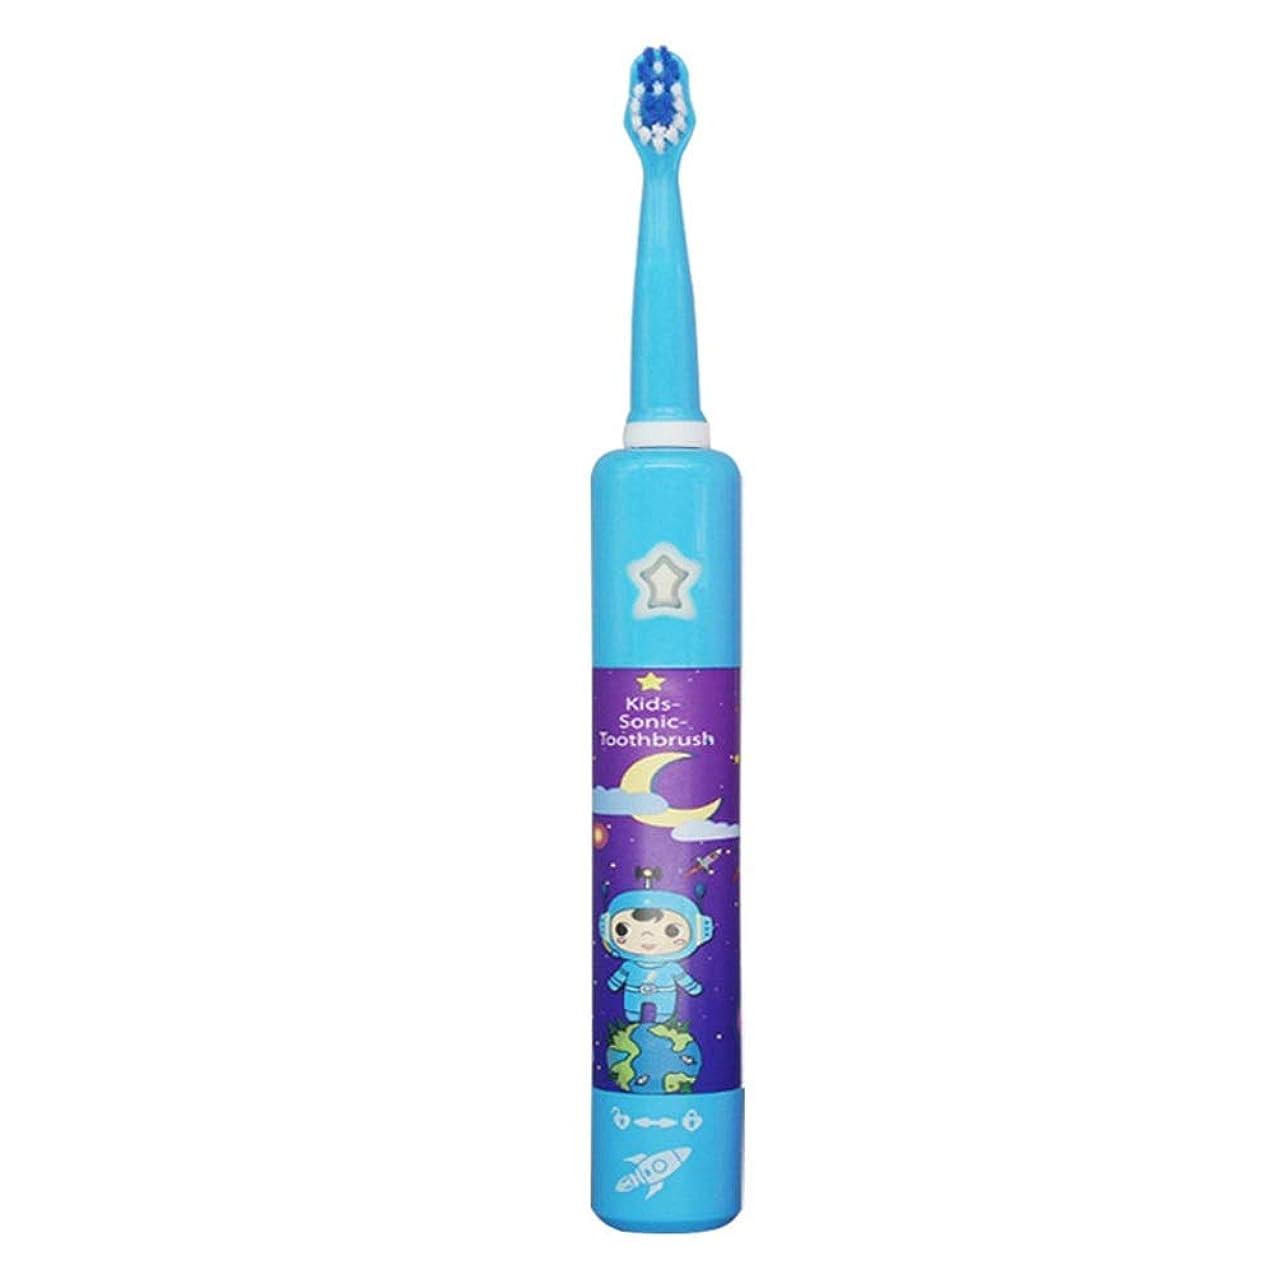 名誉傾斜代数電動歯ブラシ 子供の電気usb充電式歯ブラシかわいい柔らかい髪音楽歯ブラシ付きホルダーと1つの交換用ヘッド日常用 大人と子供向け (色 : 青, サイズ : Free size)